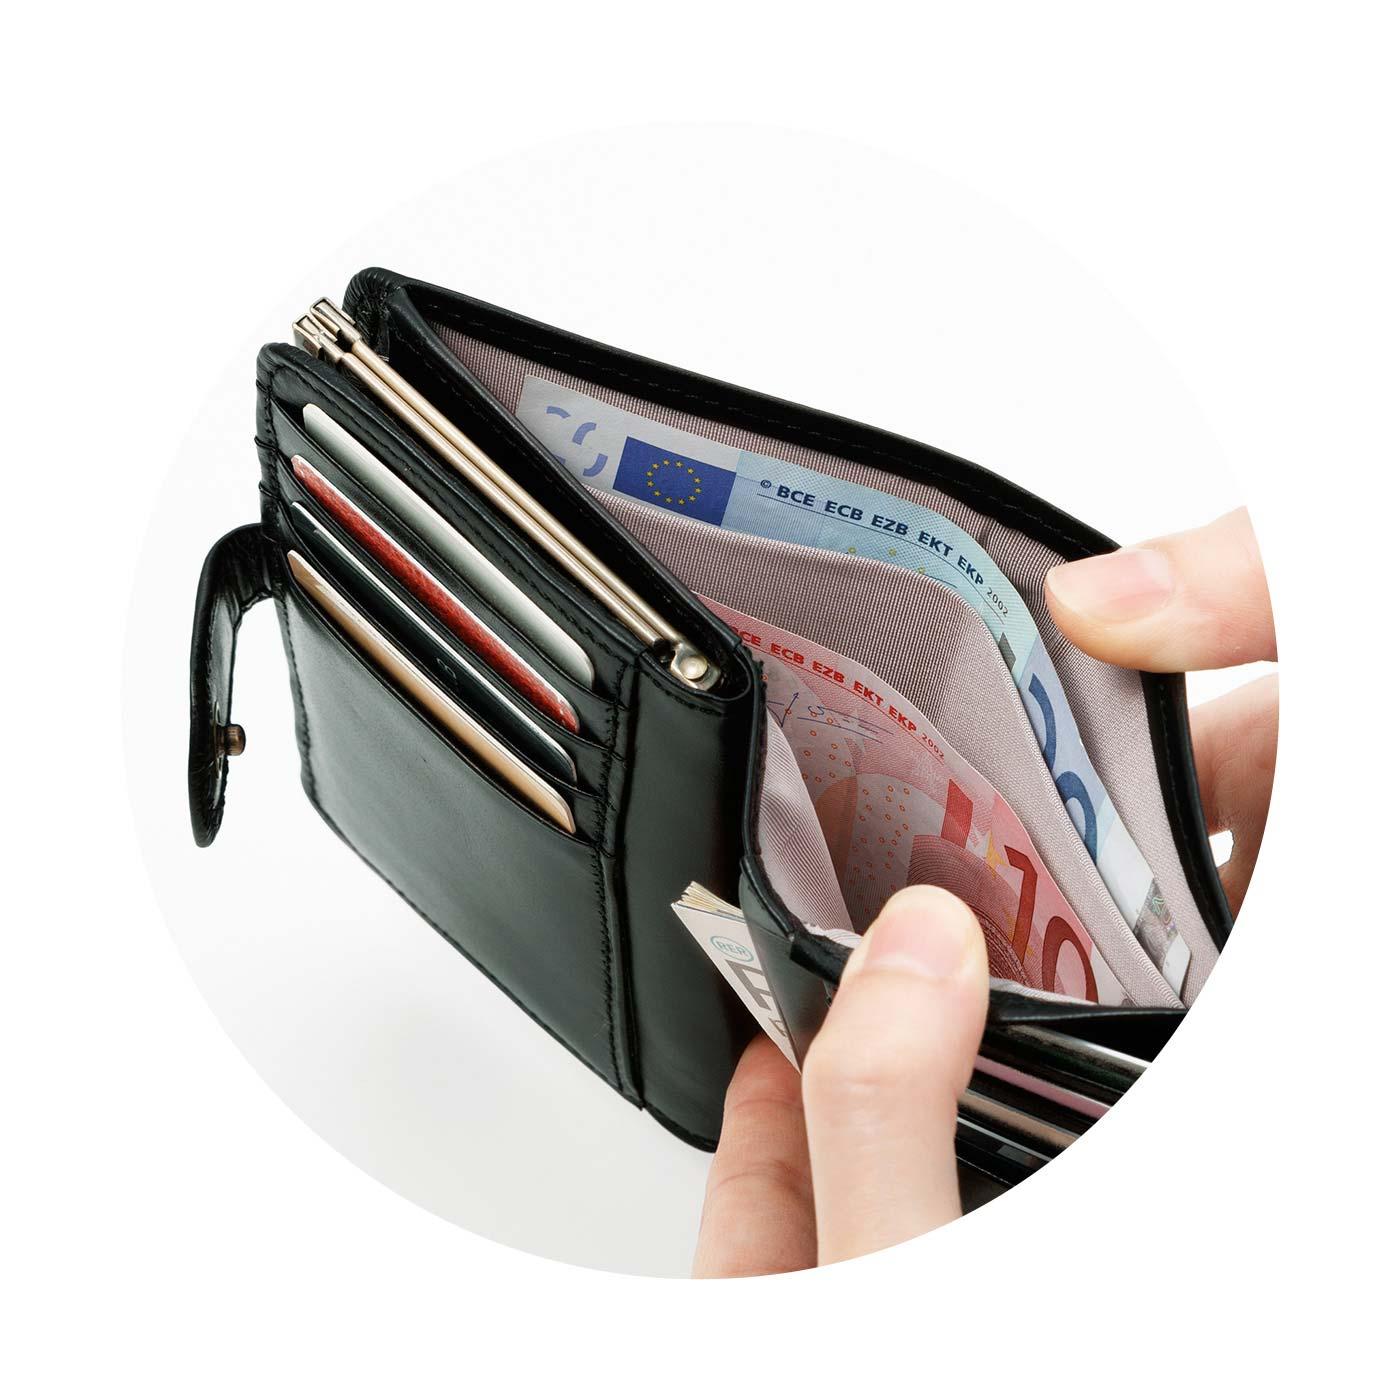 2室に分かれたお札入れ。紙幣やレシートなどを分類して収納できます。